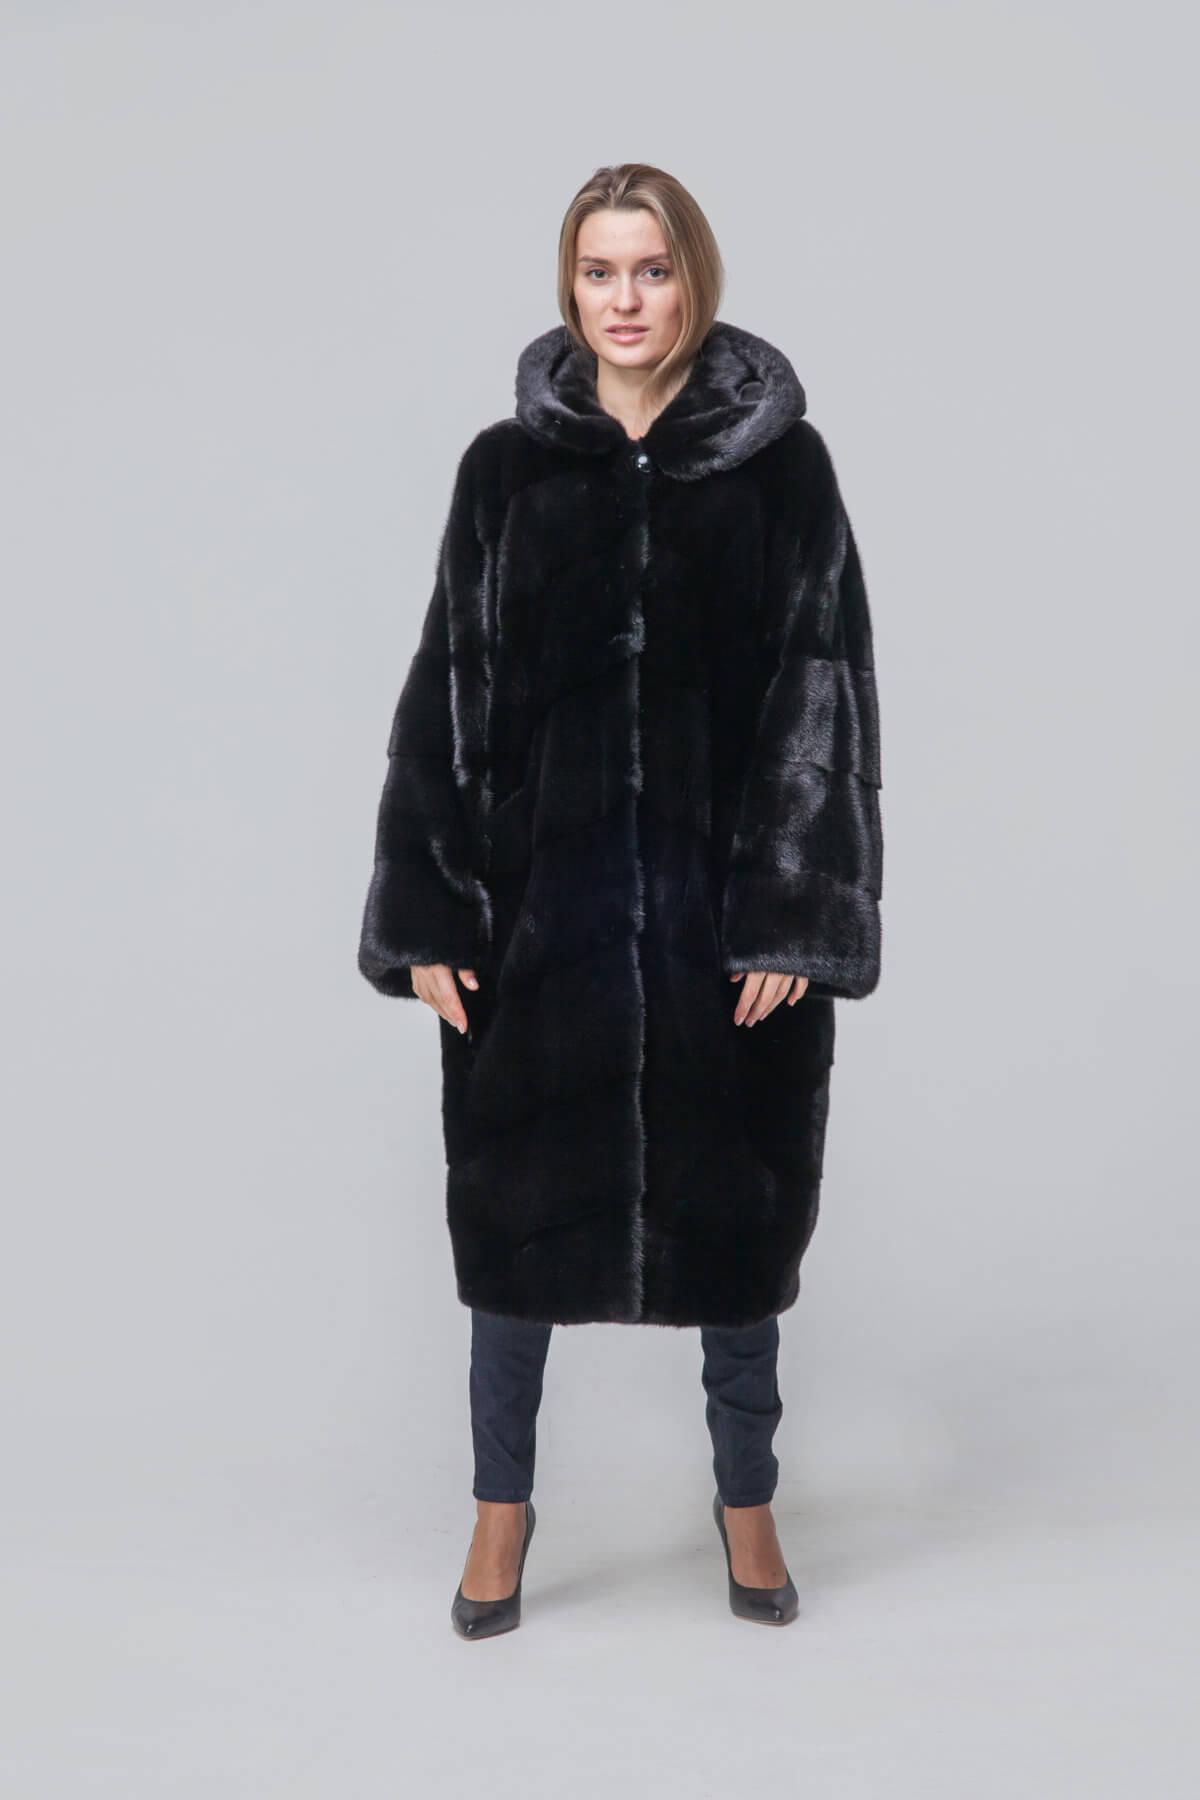 Пальто из европейской норки с капюшоном. Фото 1